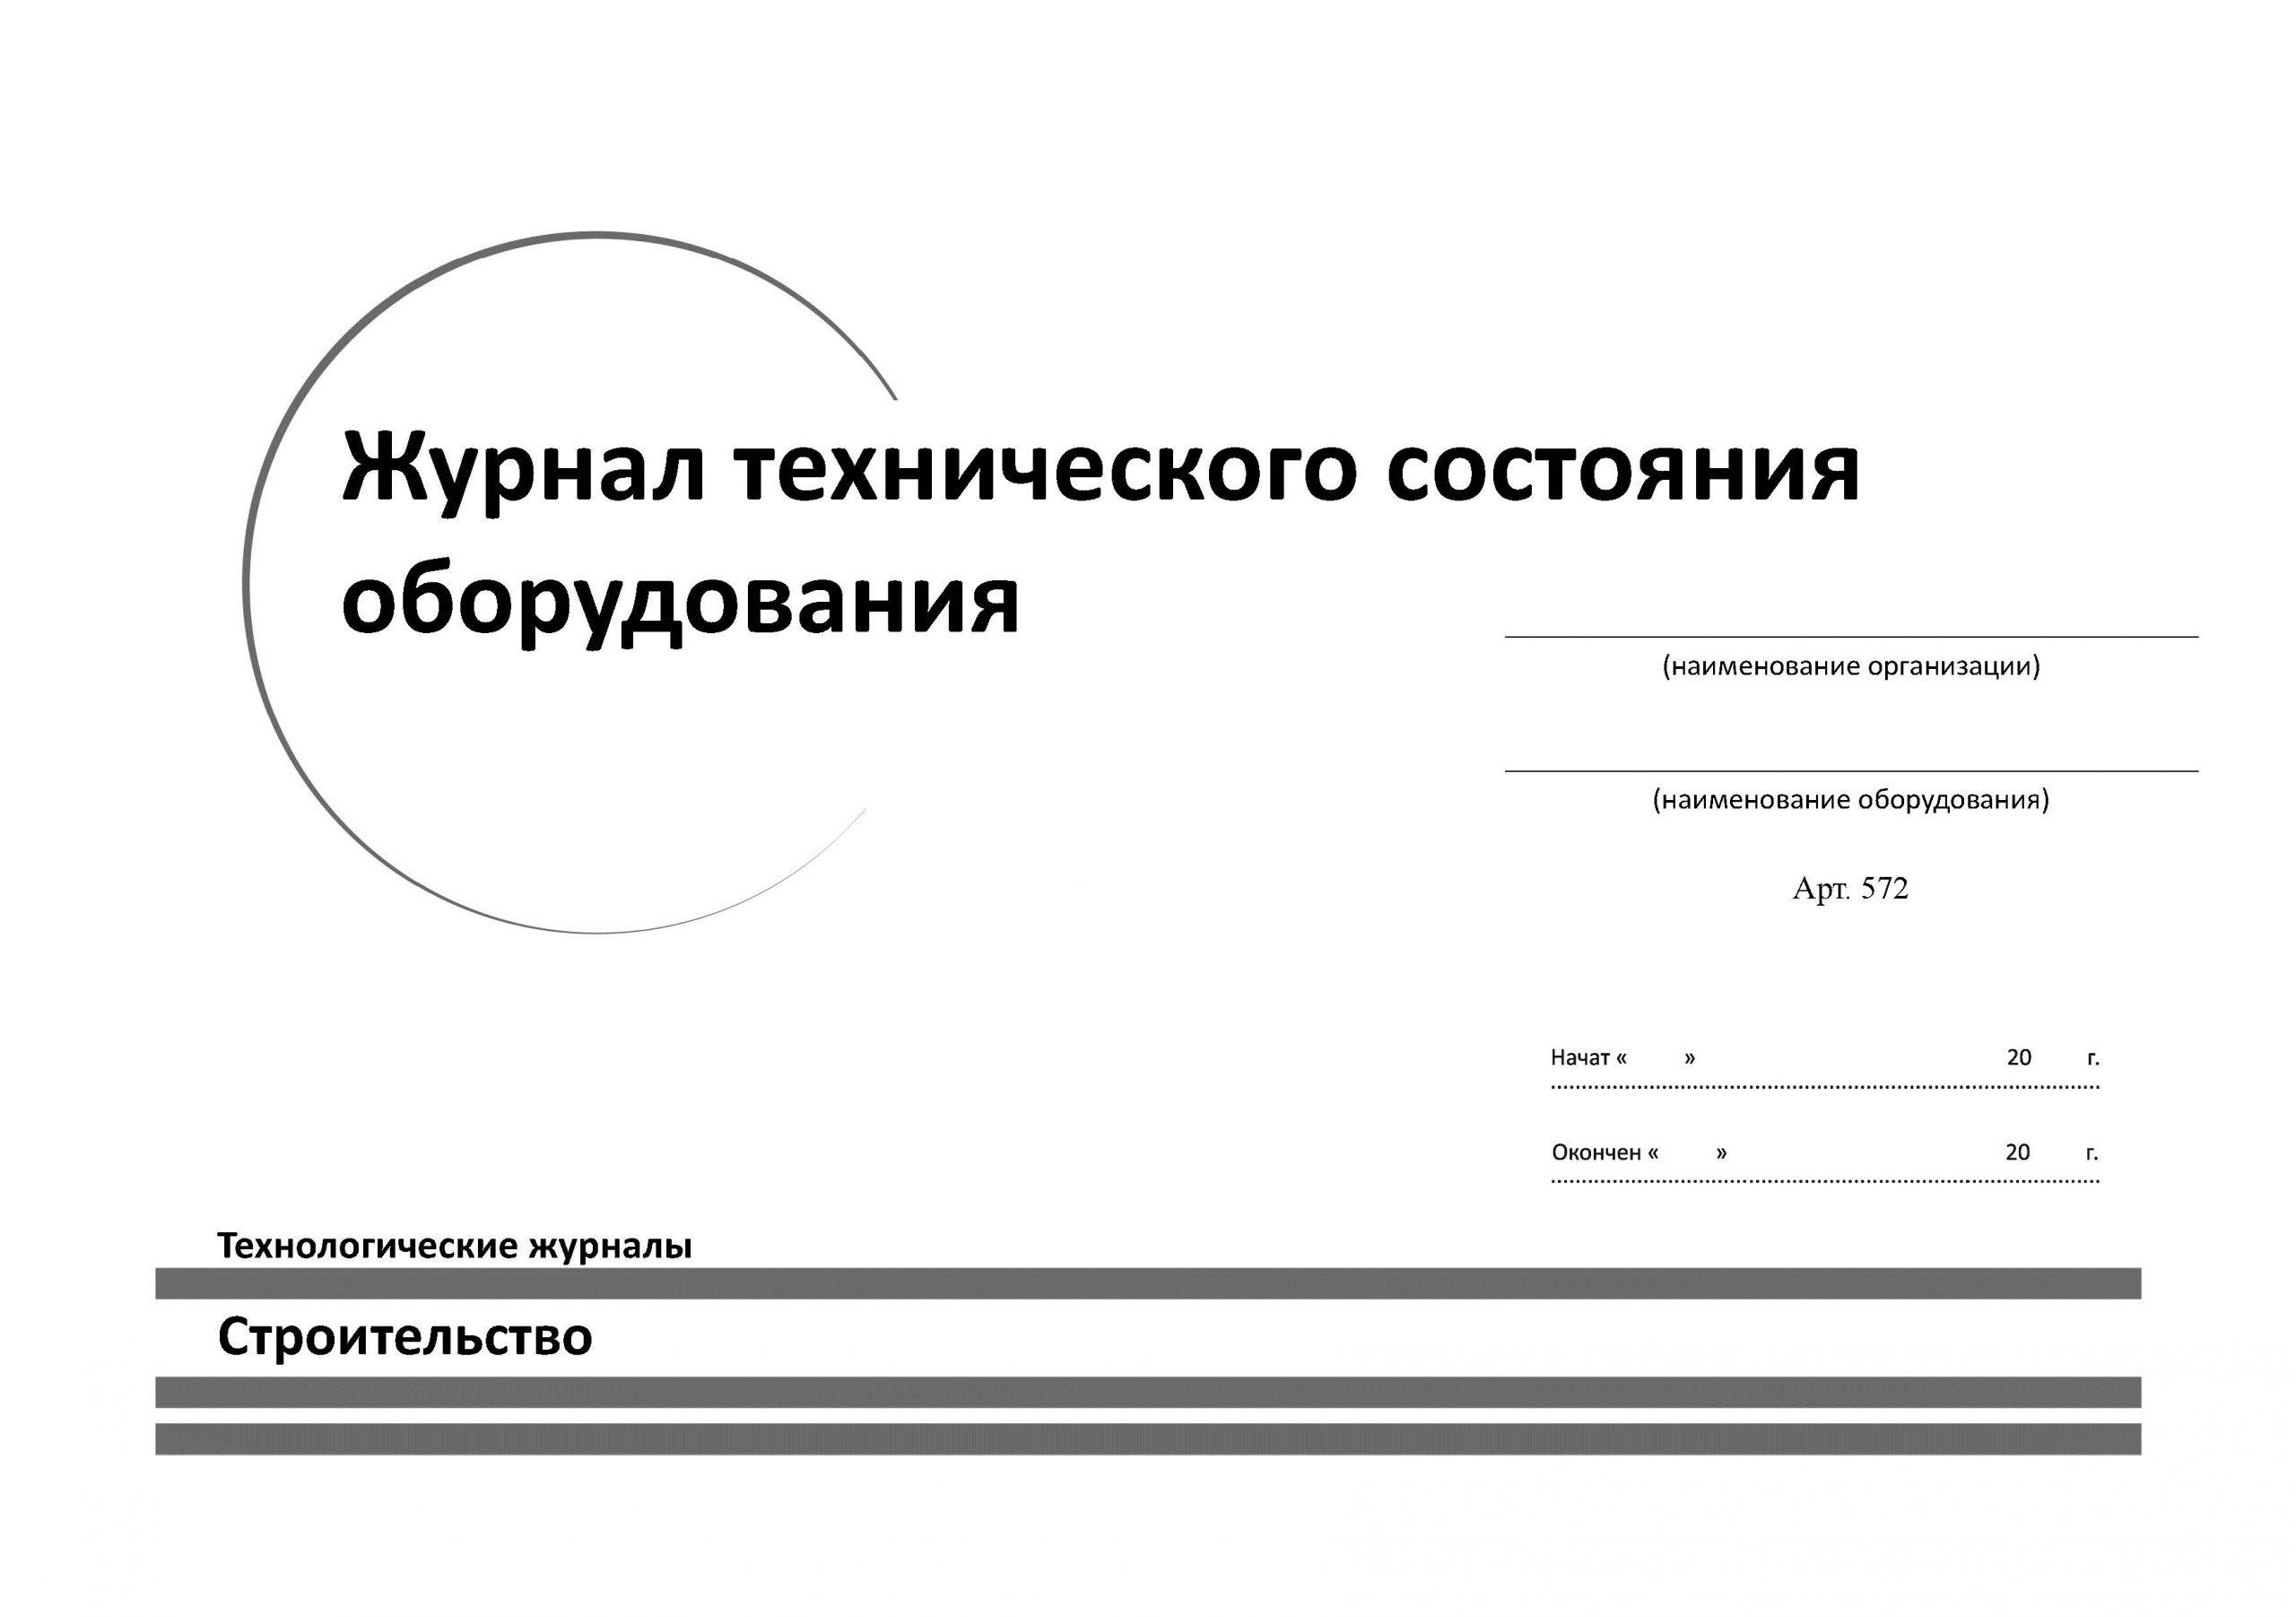 Изготовление технических журналов в Москве   фото 7